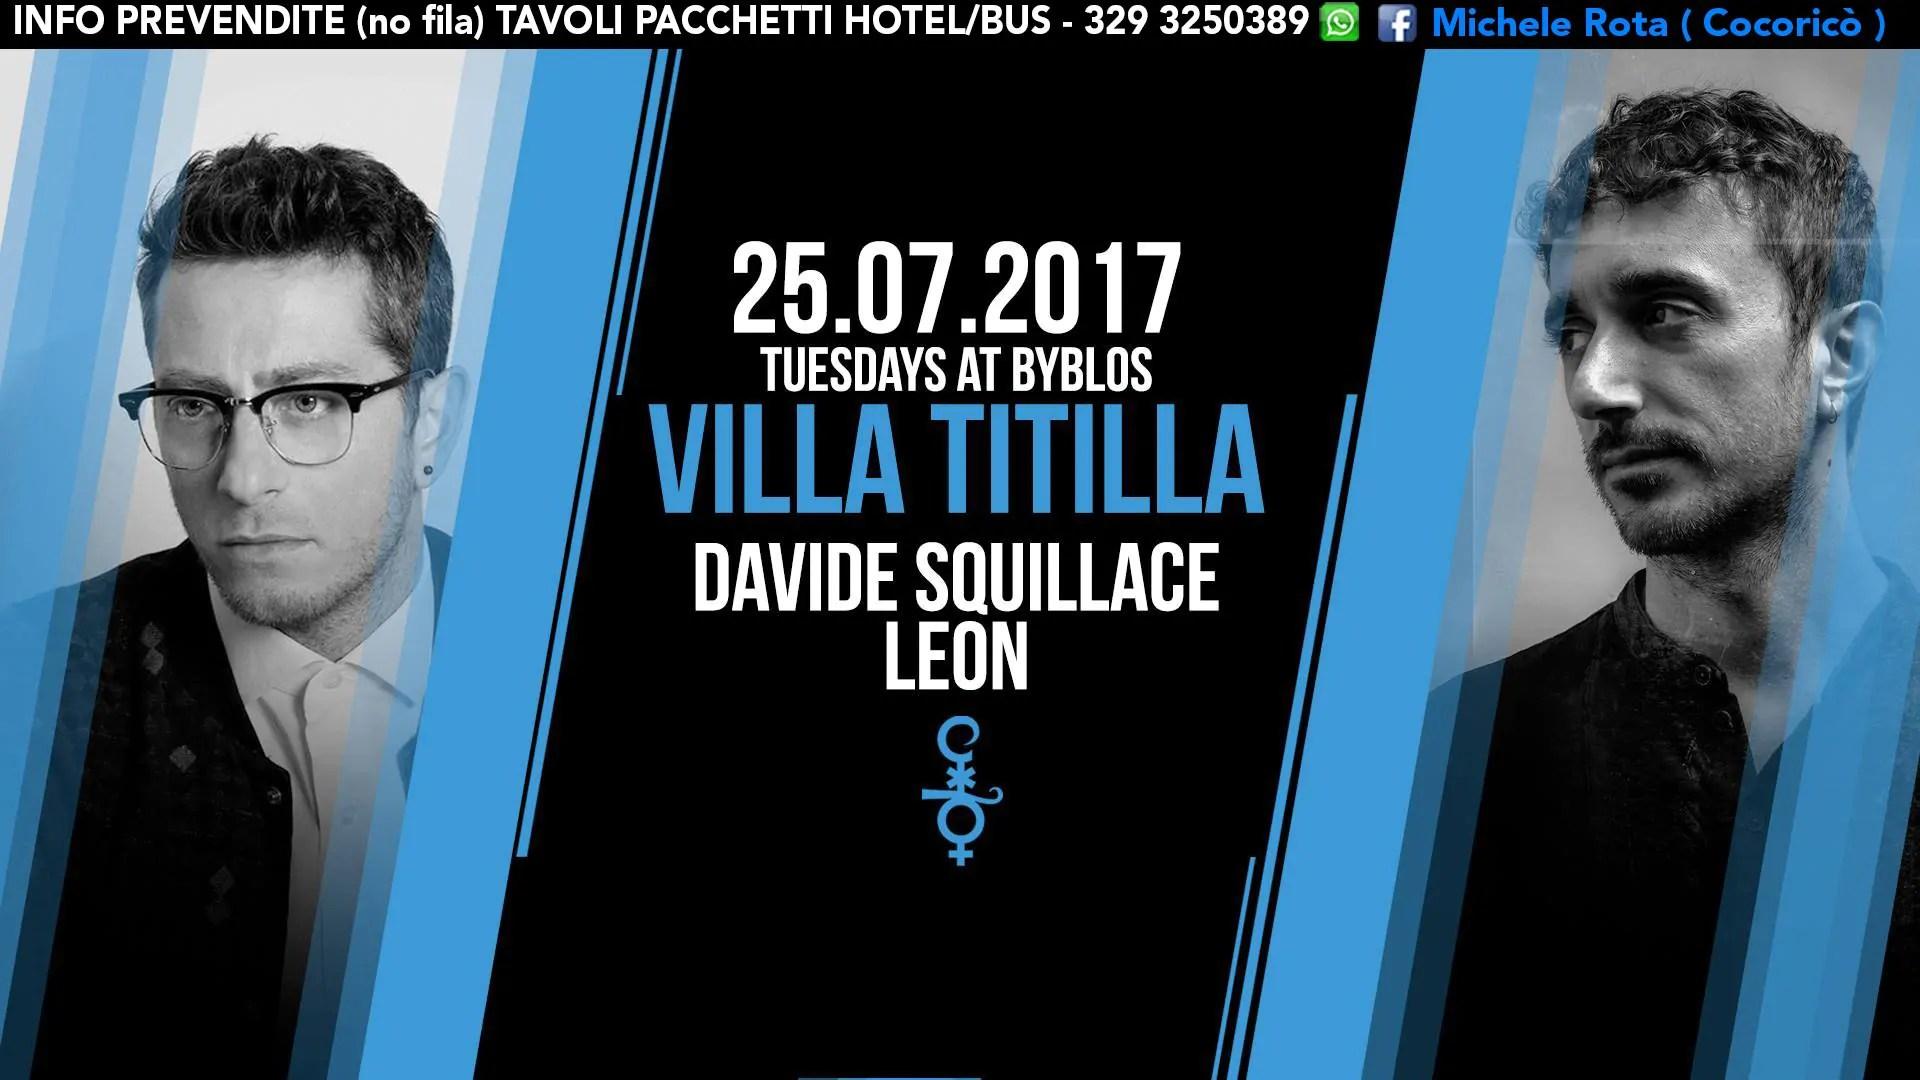 25 07 2017 Villa Titilla Byblos DAVIDE SQUILLACE PREZZI PREVENDITE BIGLIETTI TAVOLI PACCHETTI HOTEL BUS